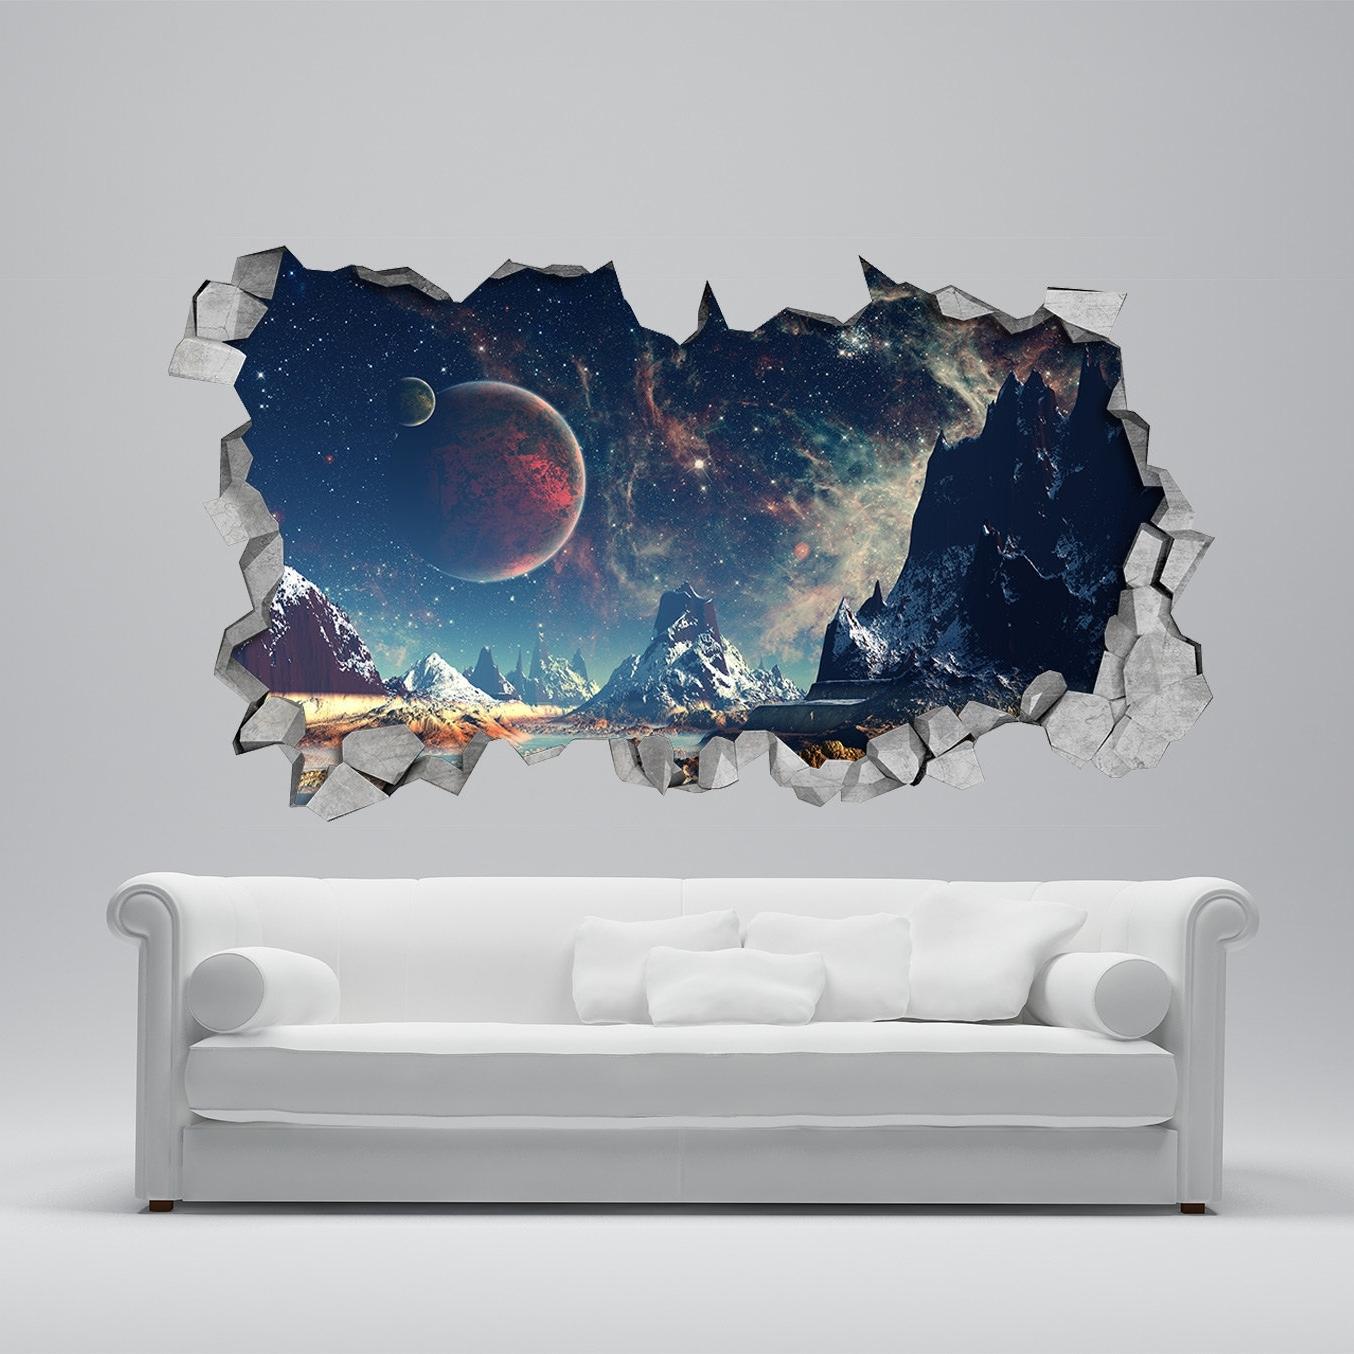 3 D Wall Art - Goal.goodwinmetals.co throughout Latest 3 Dimensional Wall Art